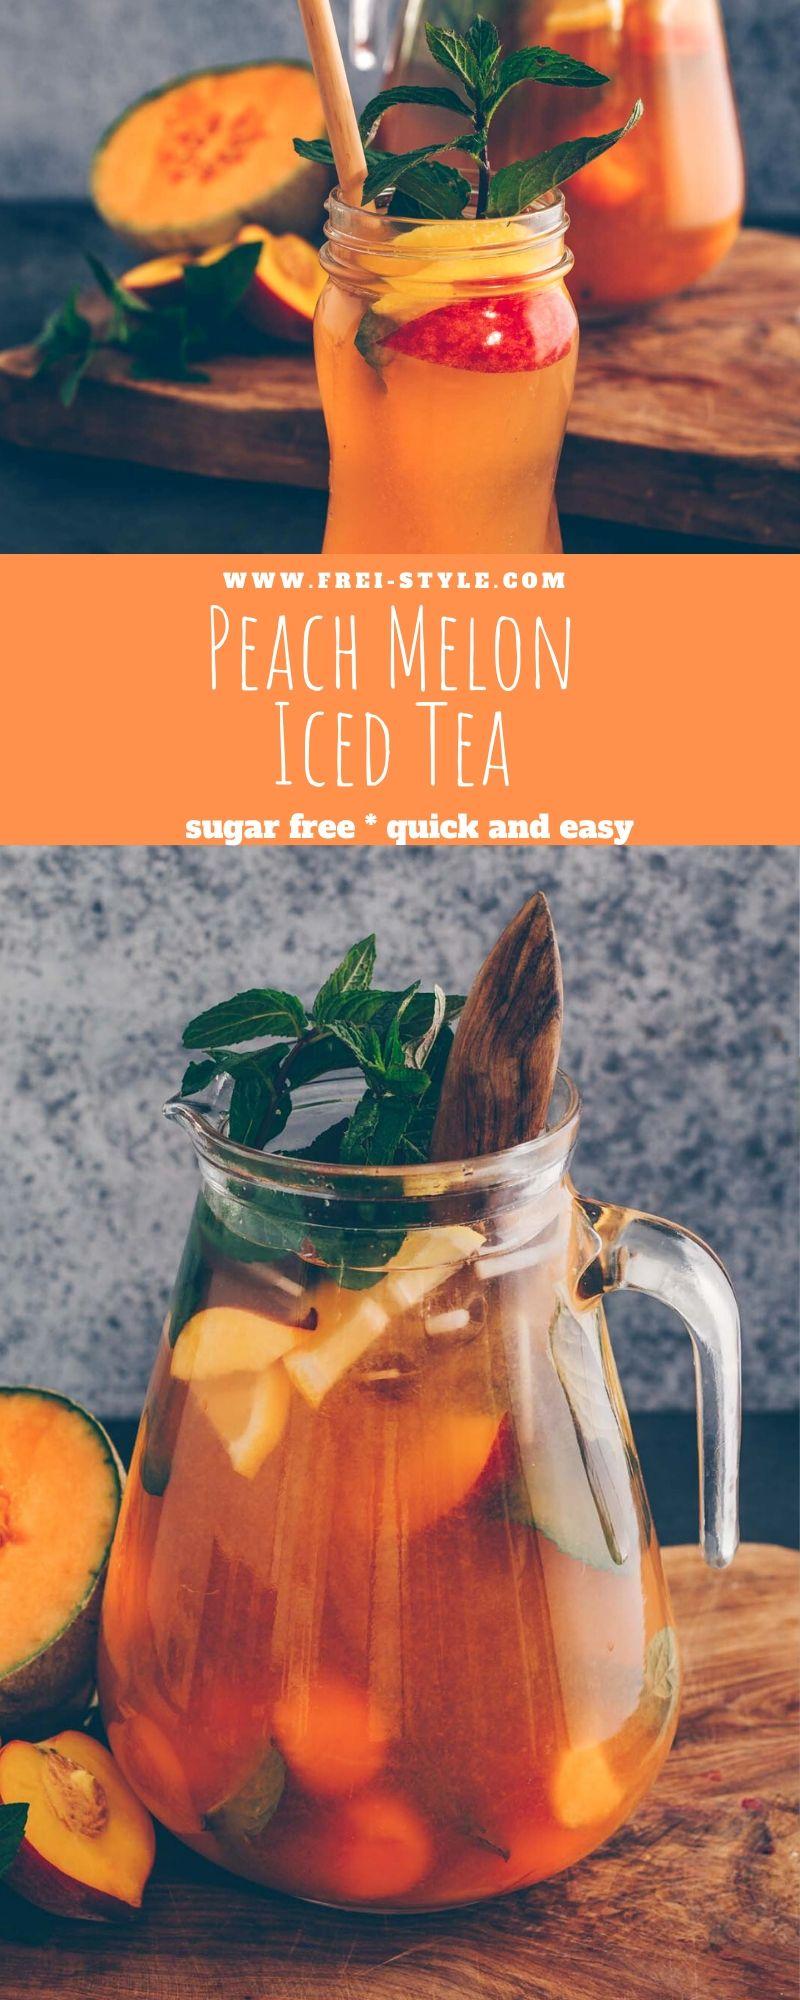 Peach Melon iced tea